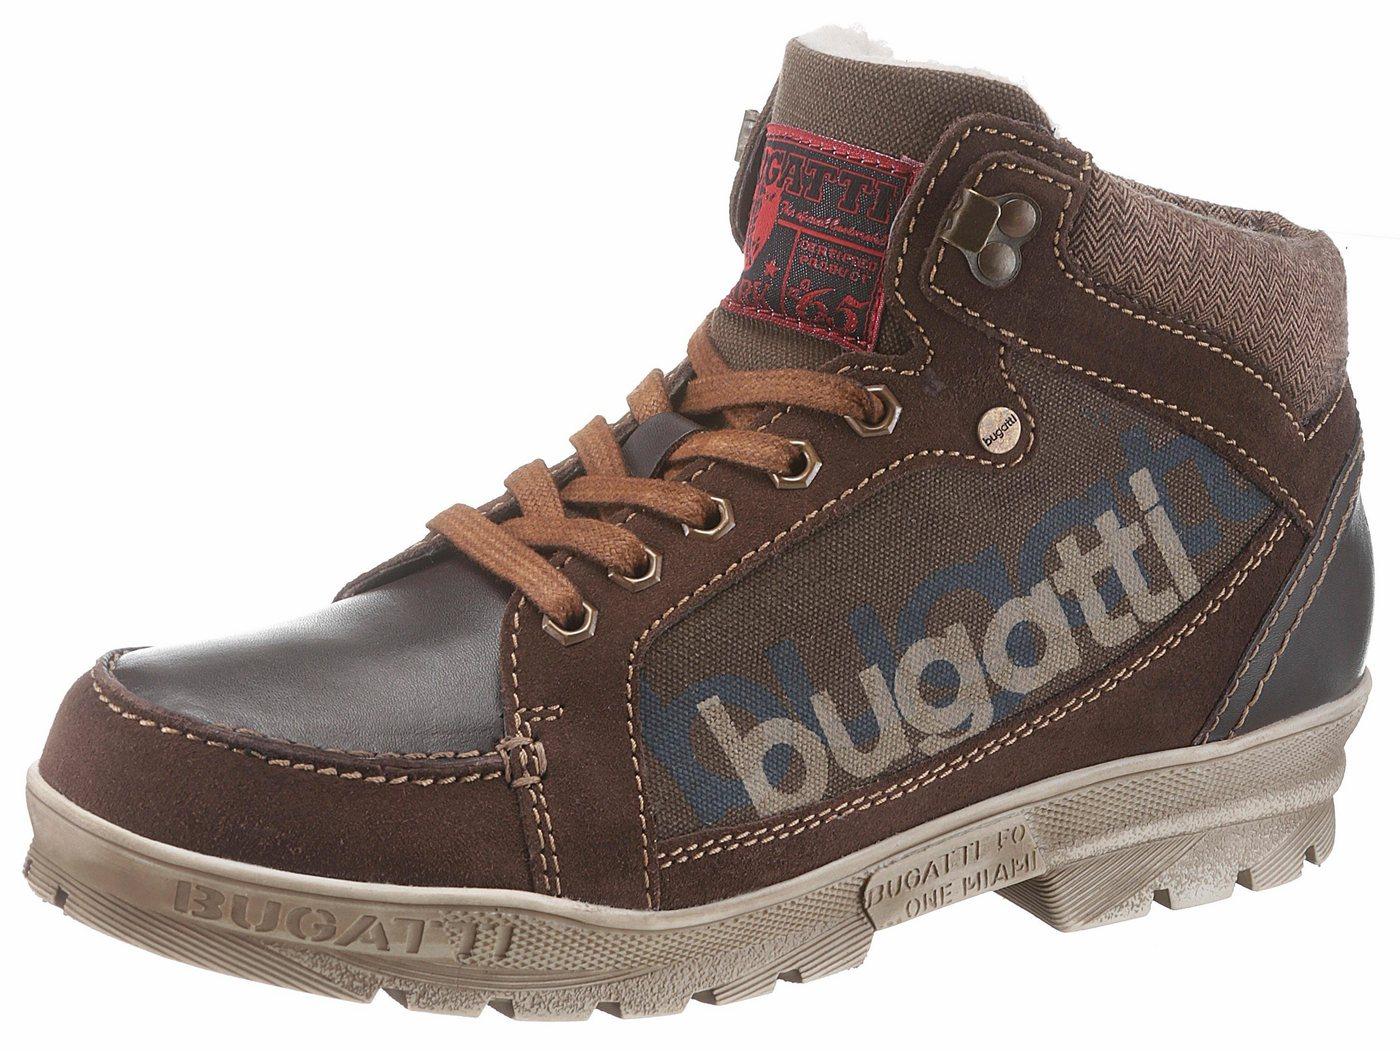 Bugatti Winterstiefel mit robuster Laufsohle   Schuhe > Boots > Winterstiefel   Braun   Bugatti